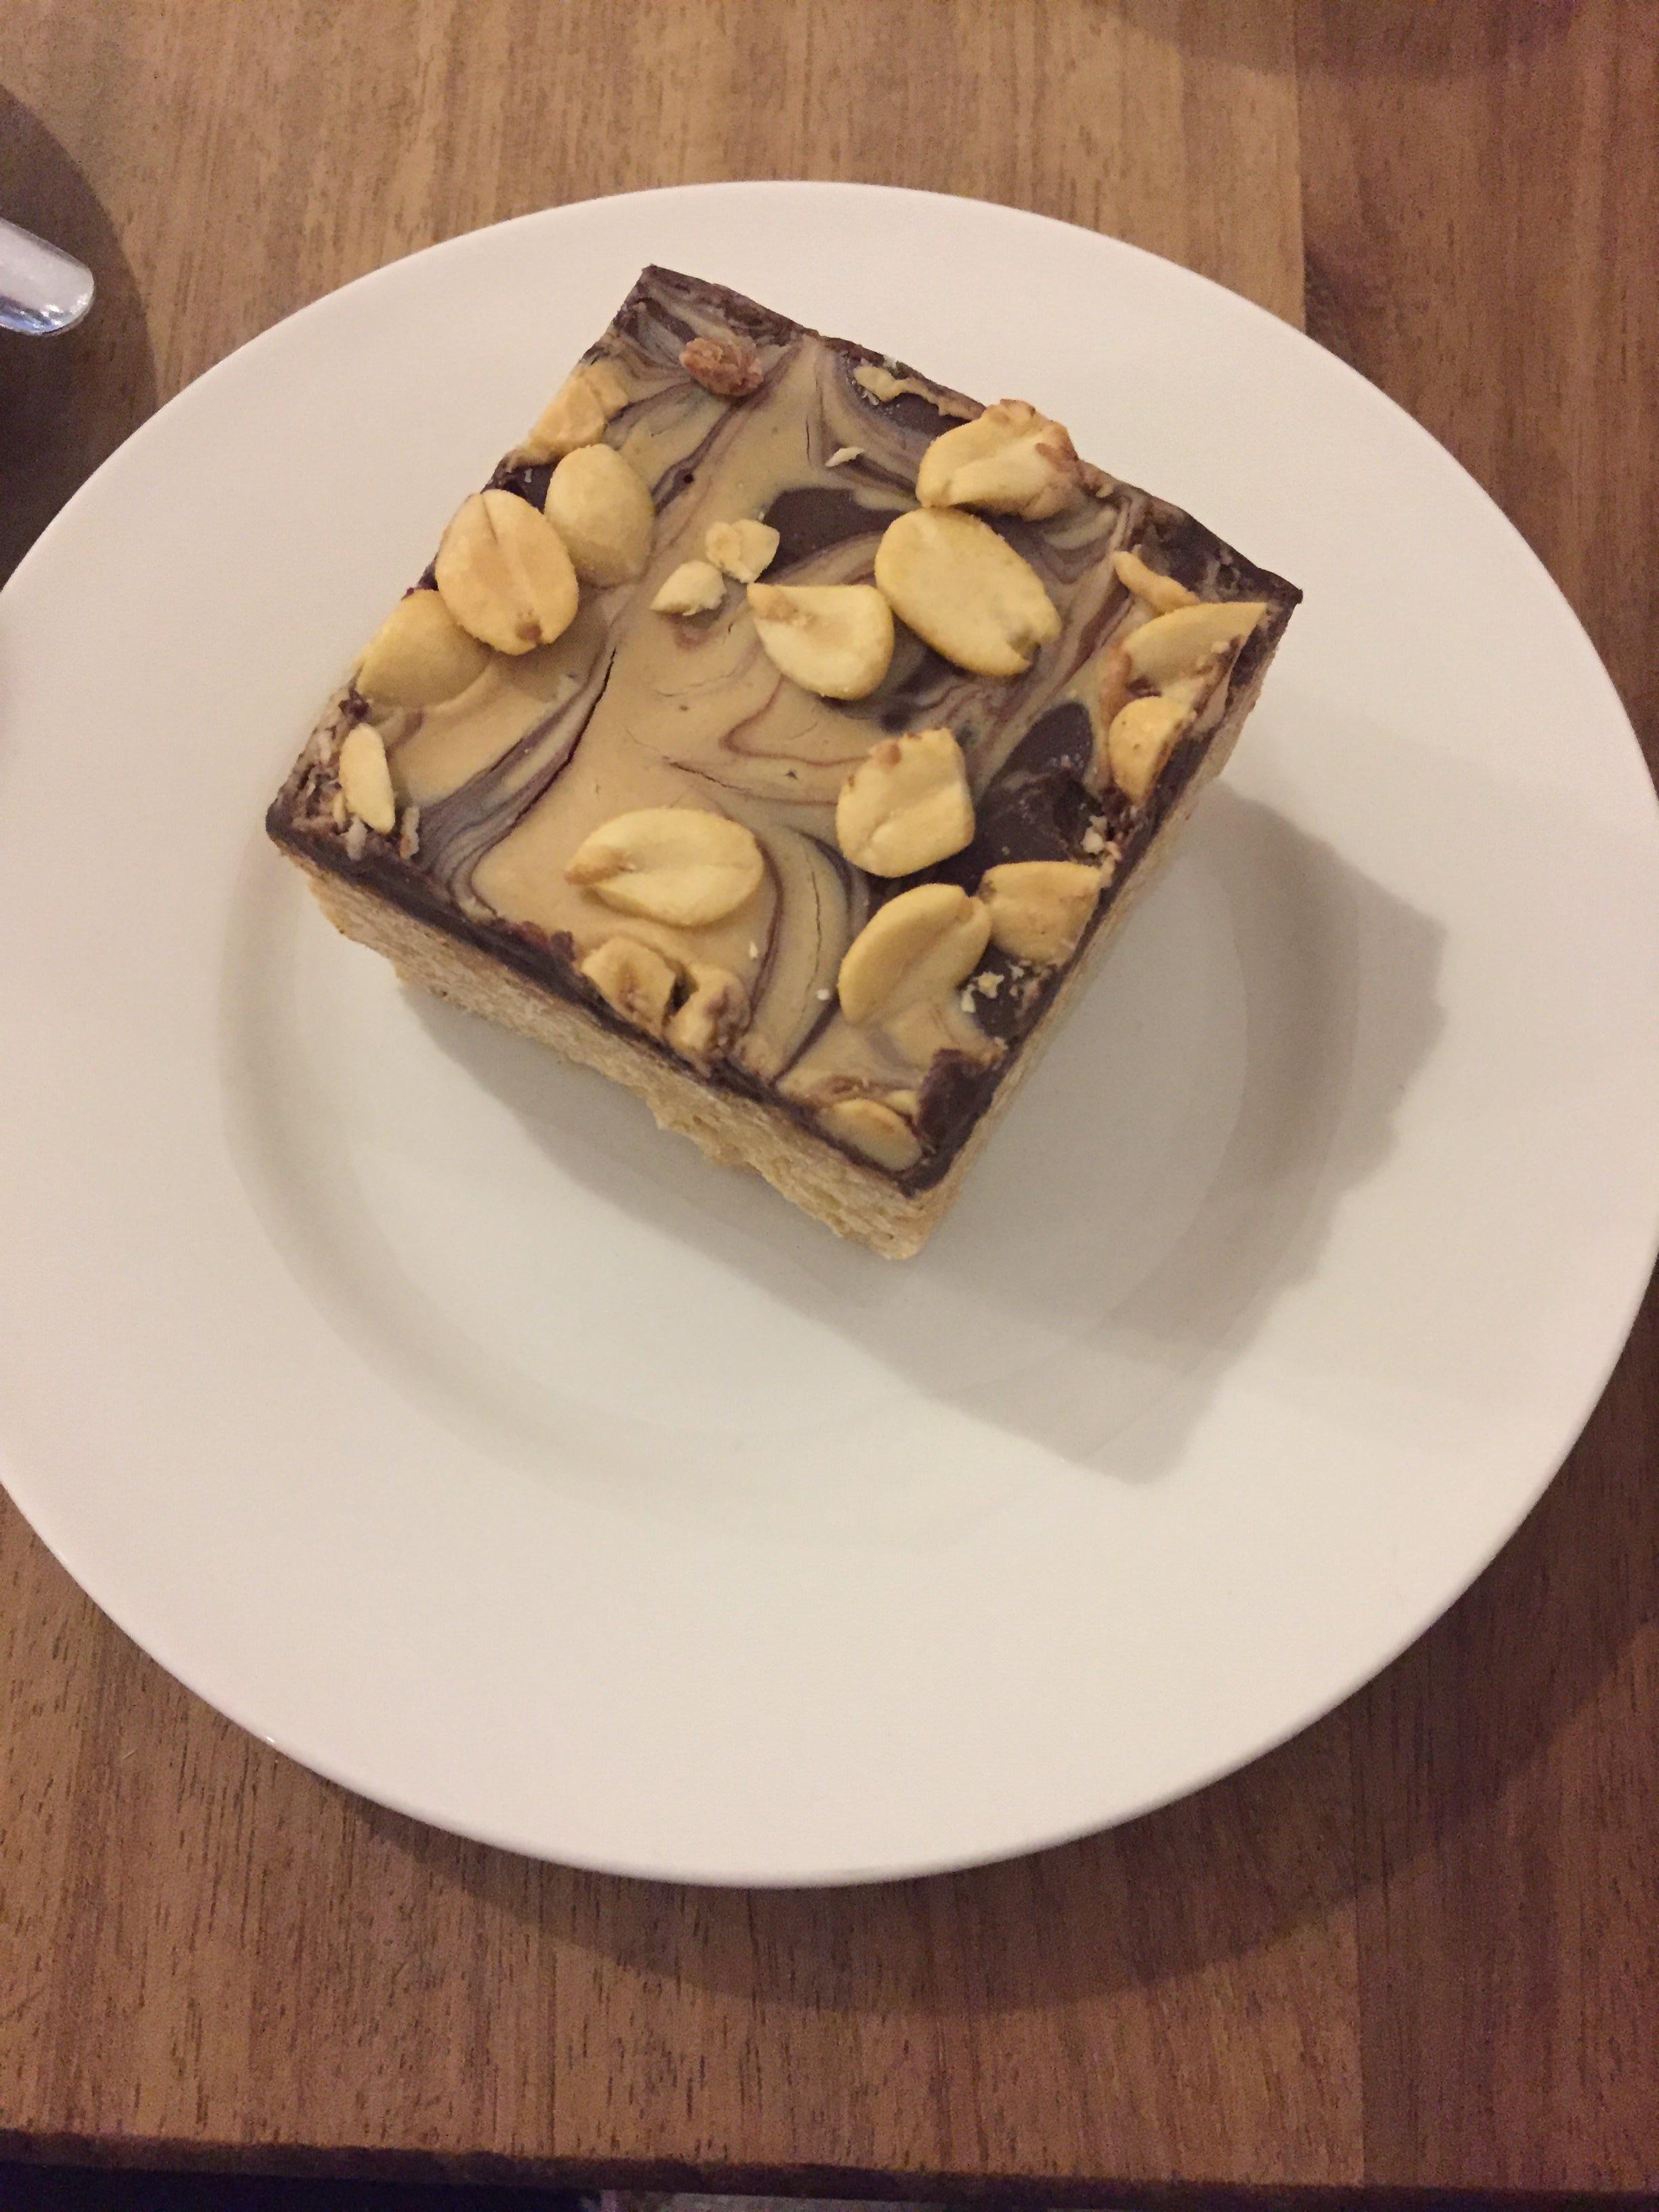 mmmmmm.... cake